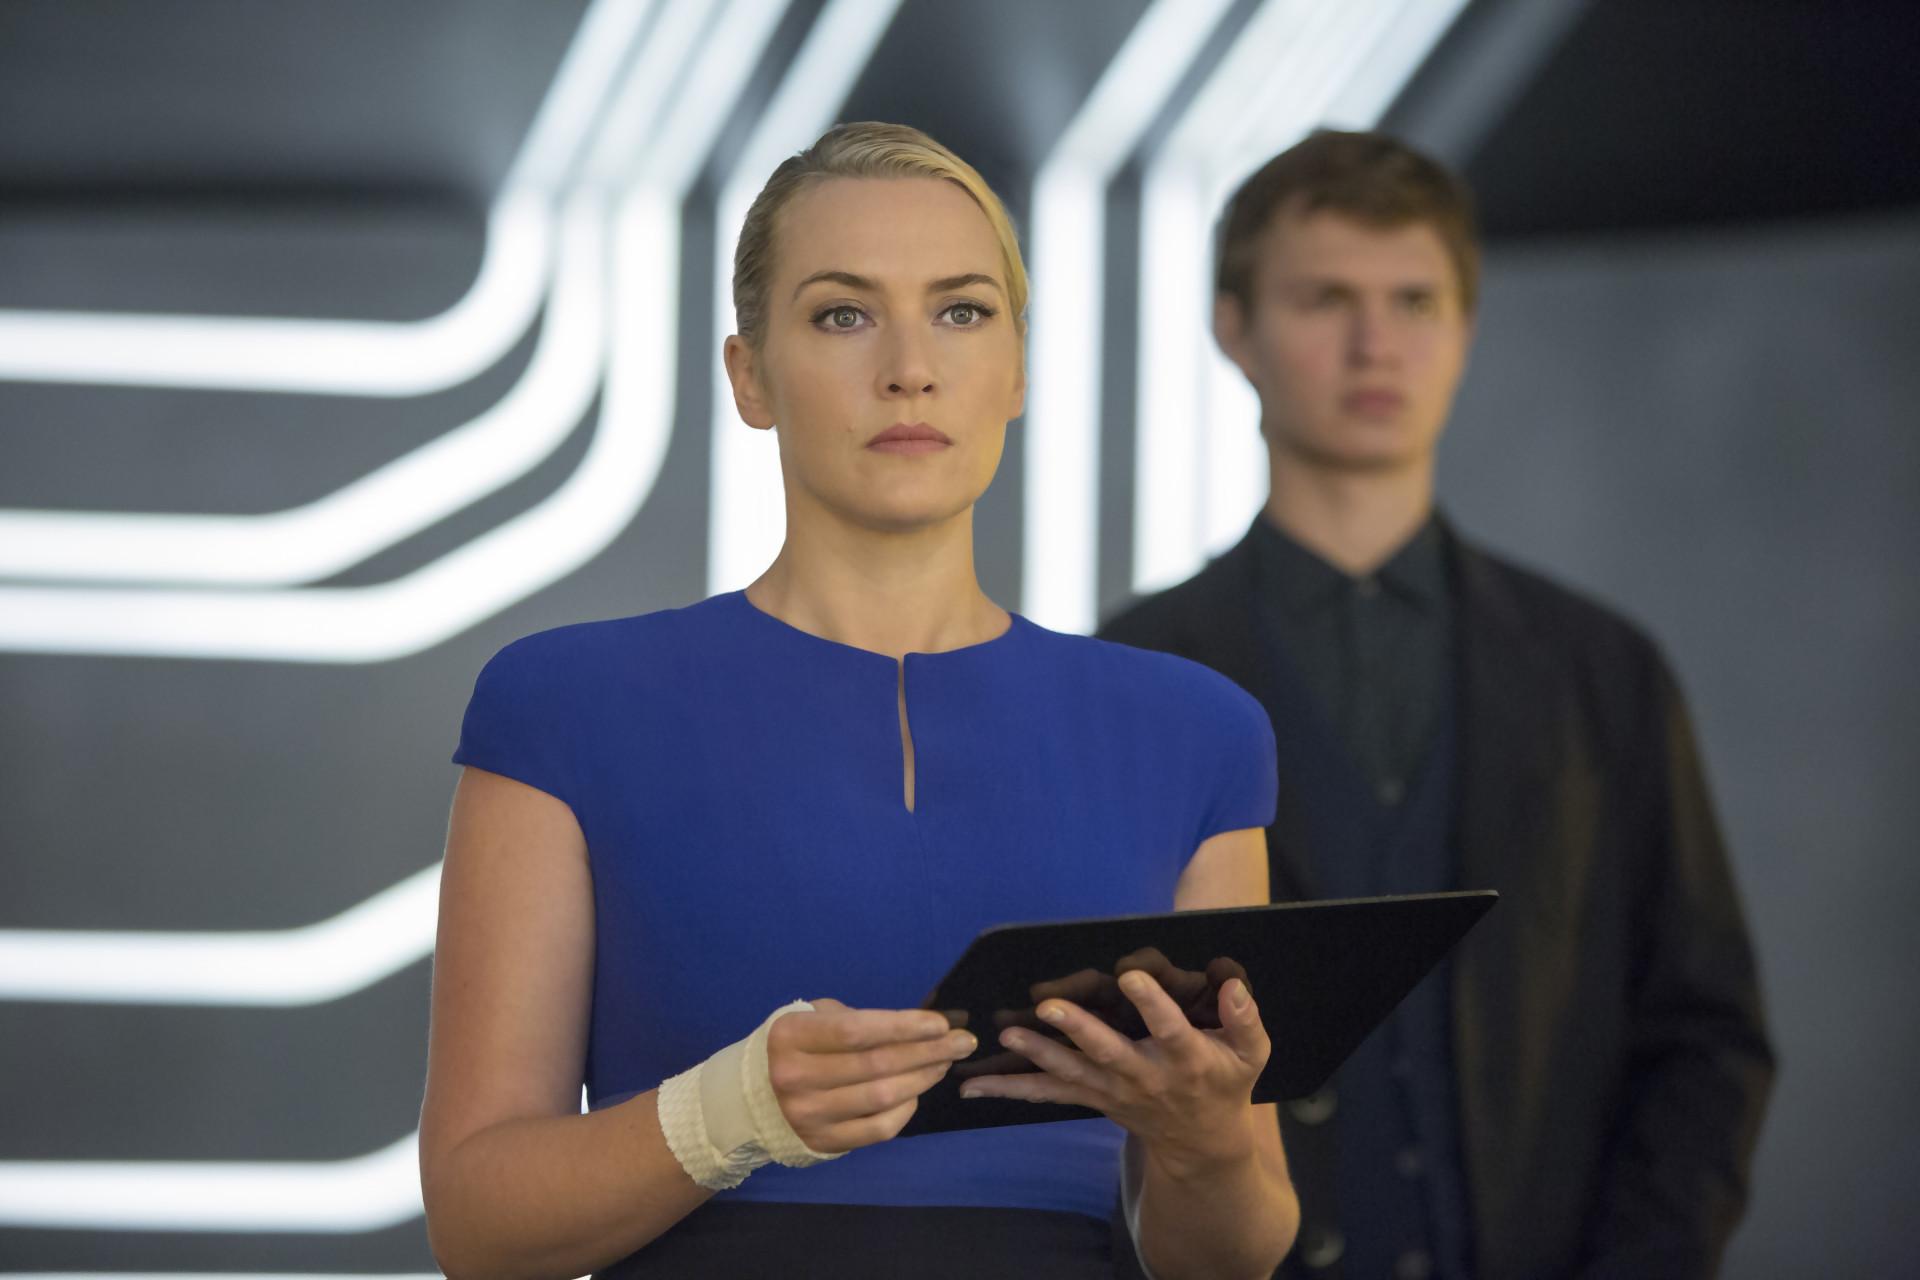 À quelle faction de Divergent appartiendriez-vous ?